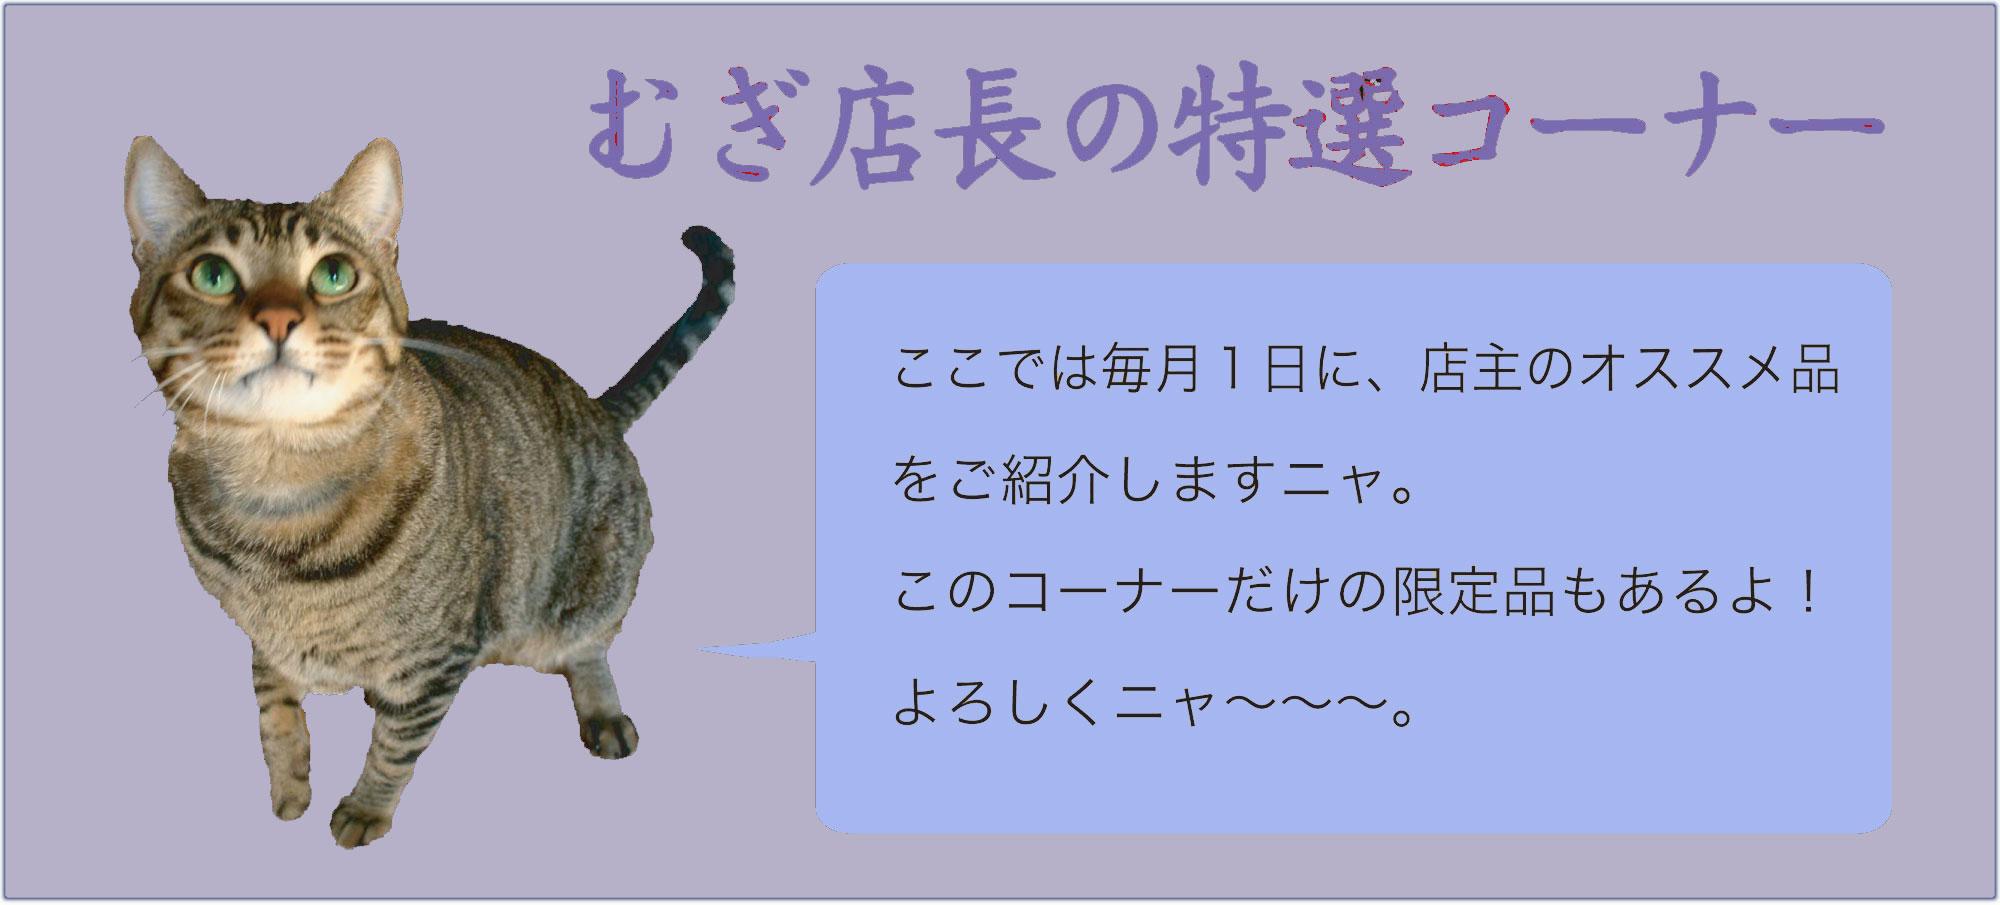 特選コーナータイトルup.jpg